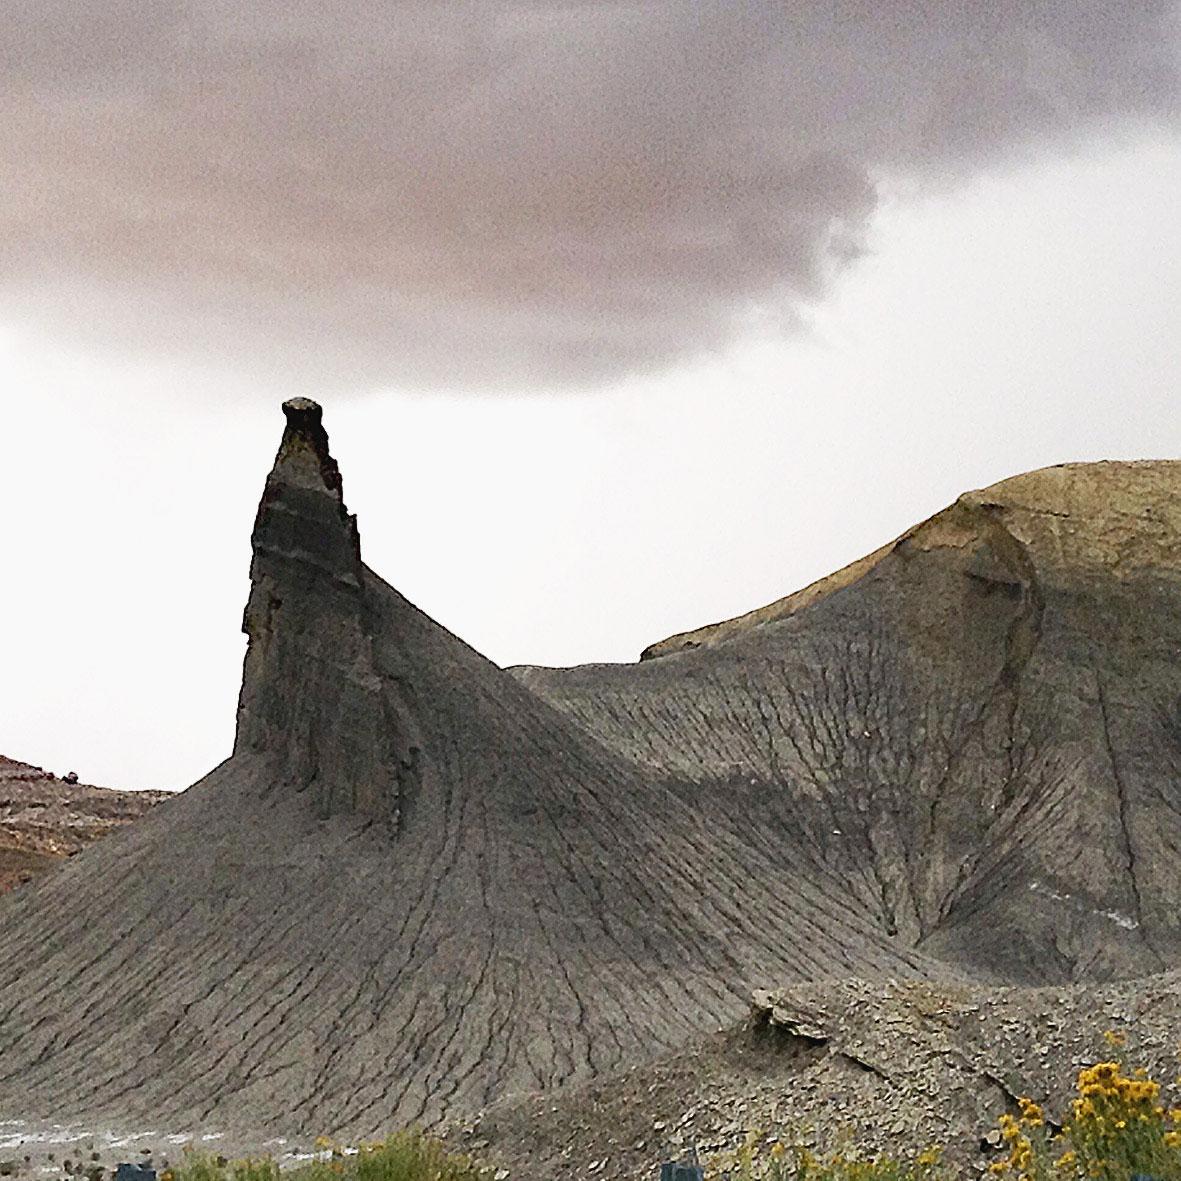 Cainville Badlands, Utah